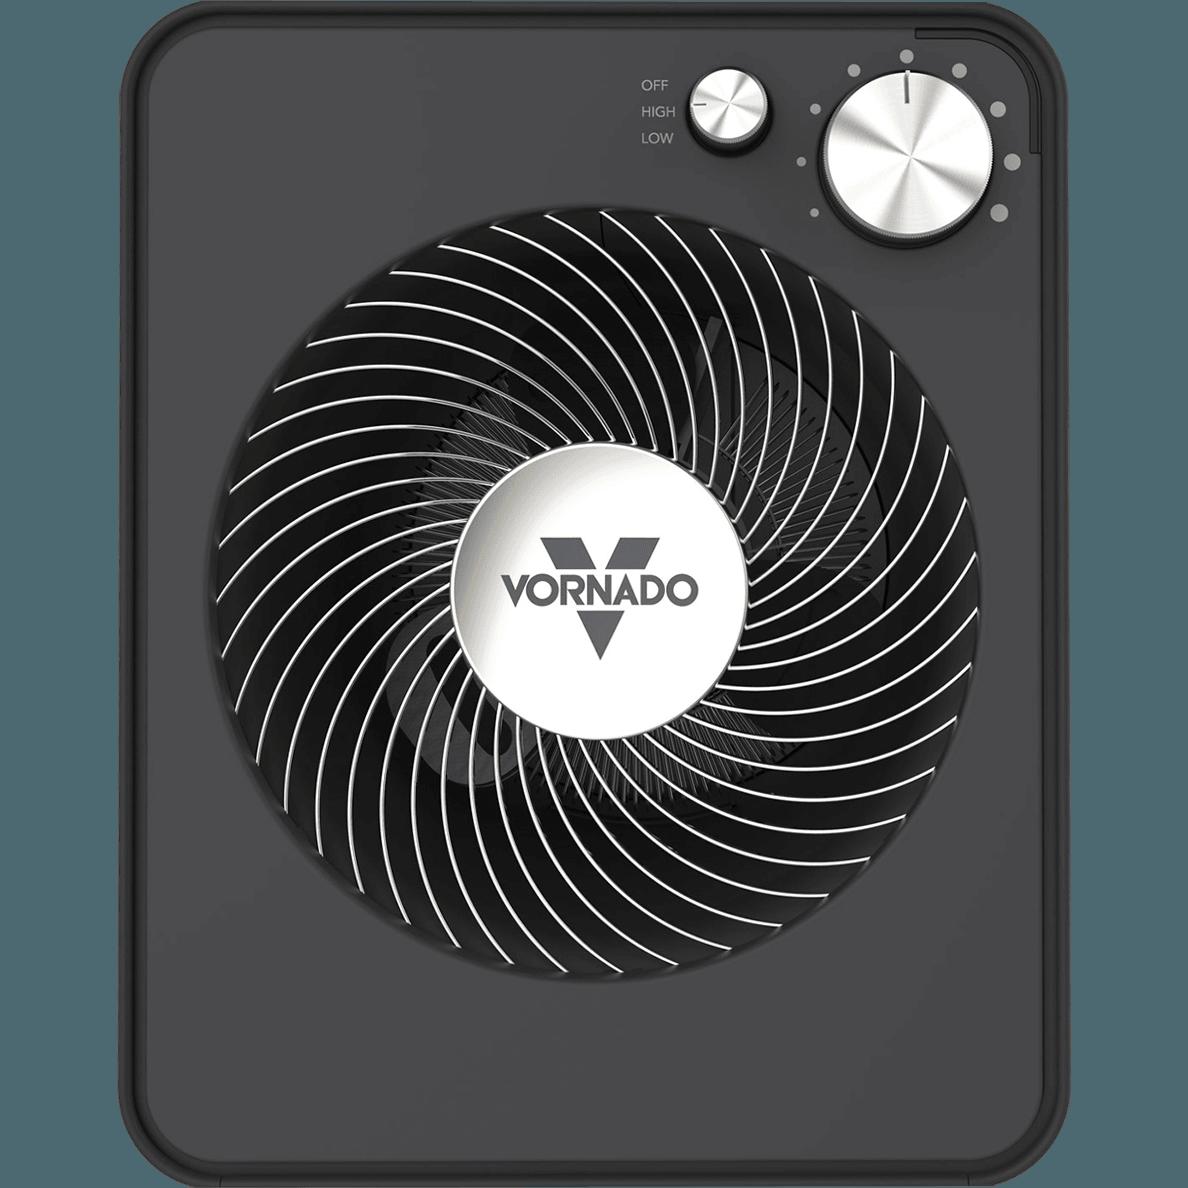 Buy Cheap Vornado Vmh300 Metal Heater Bestairpurifiers Best Air Airpurifiers In 2020 Comforters Cozy Heater Metal